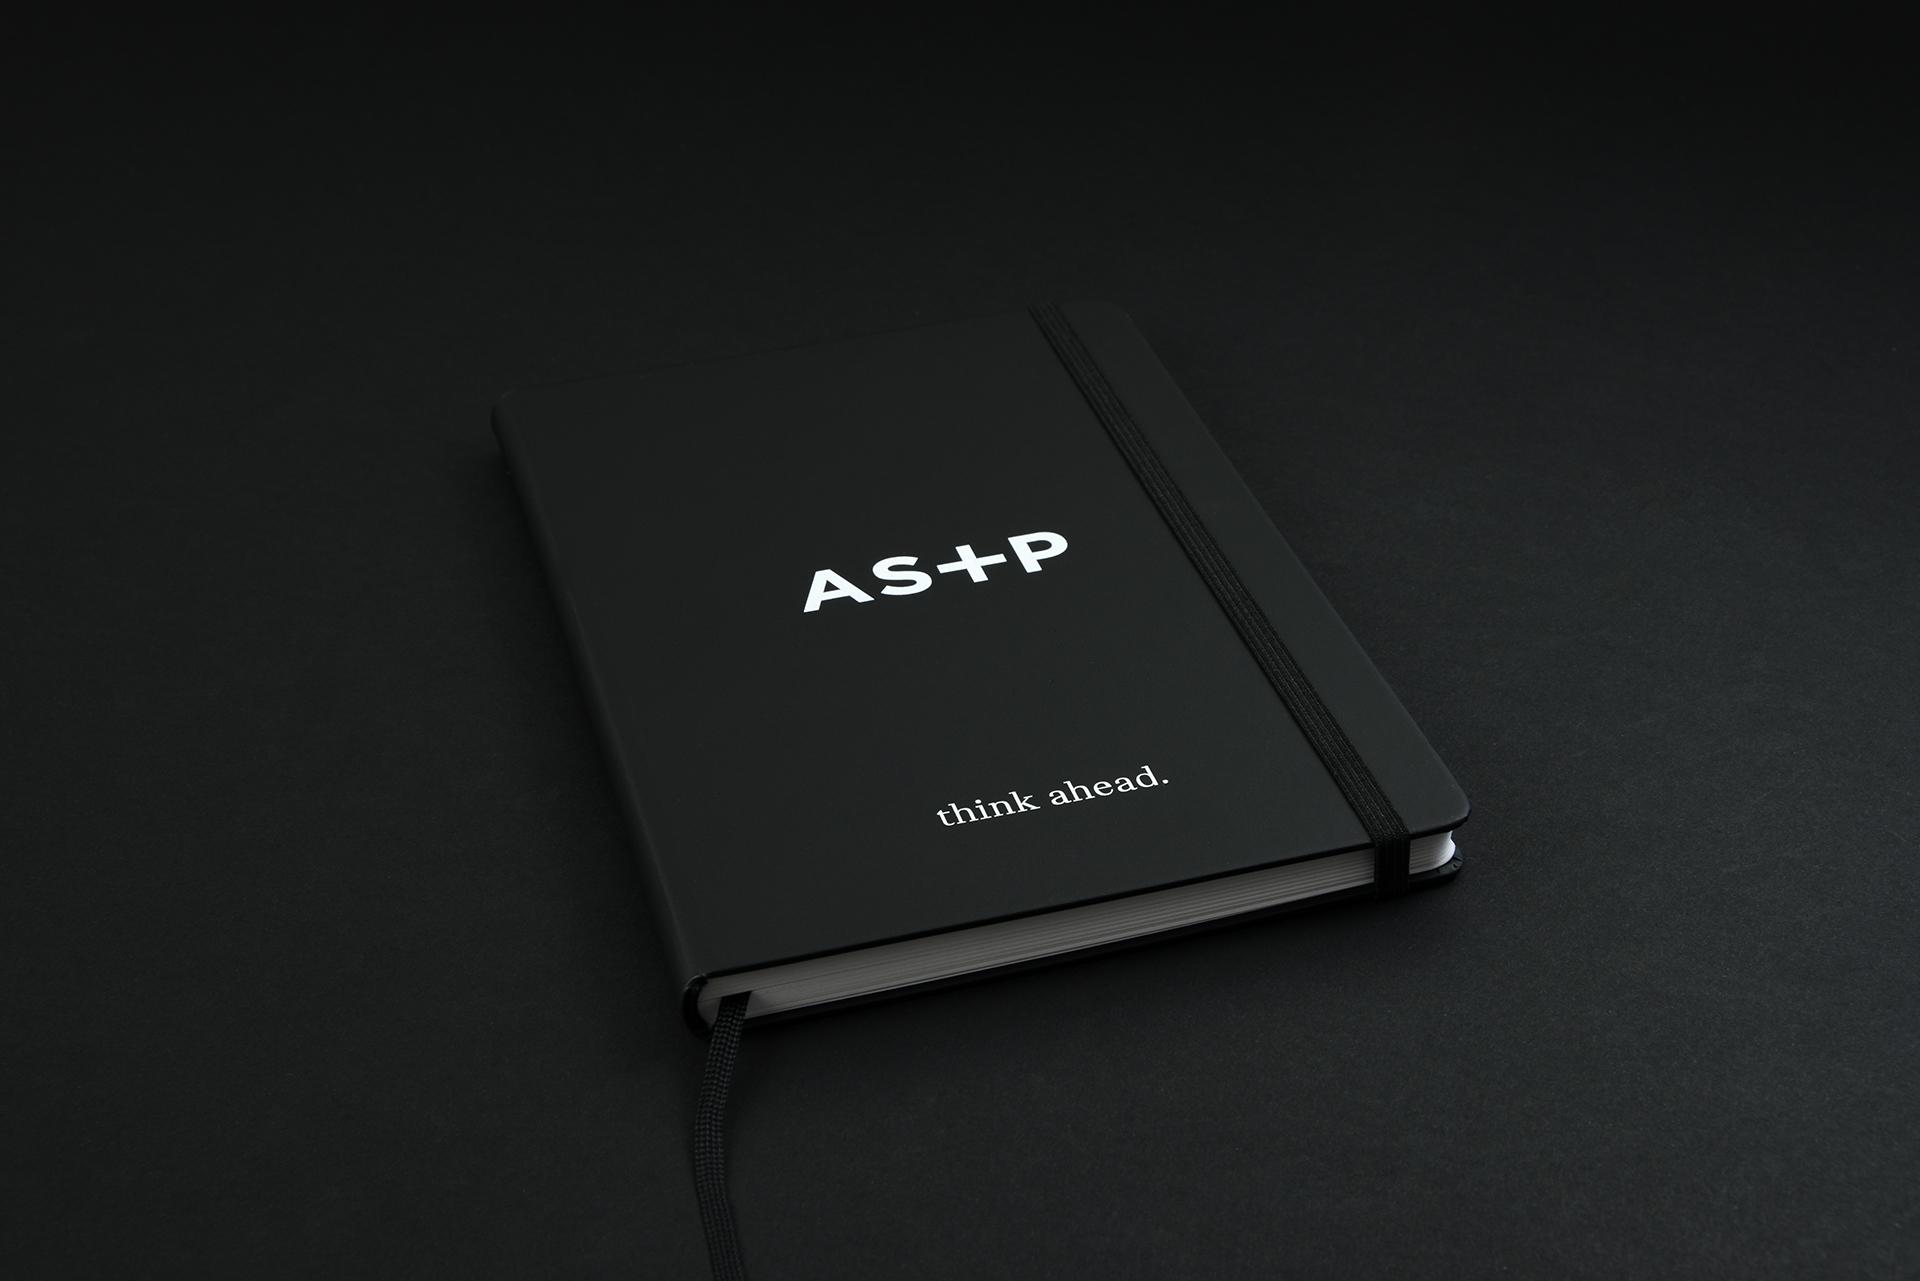 quandel-staudt-design-asp_geschaeftsausstattung_16